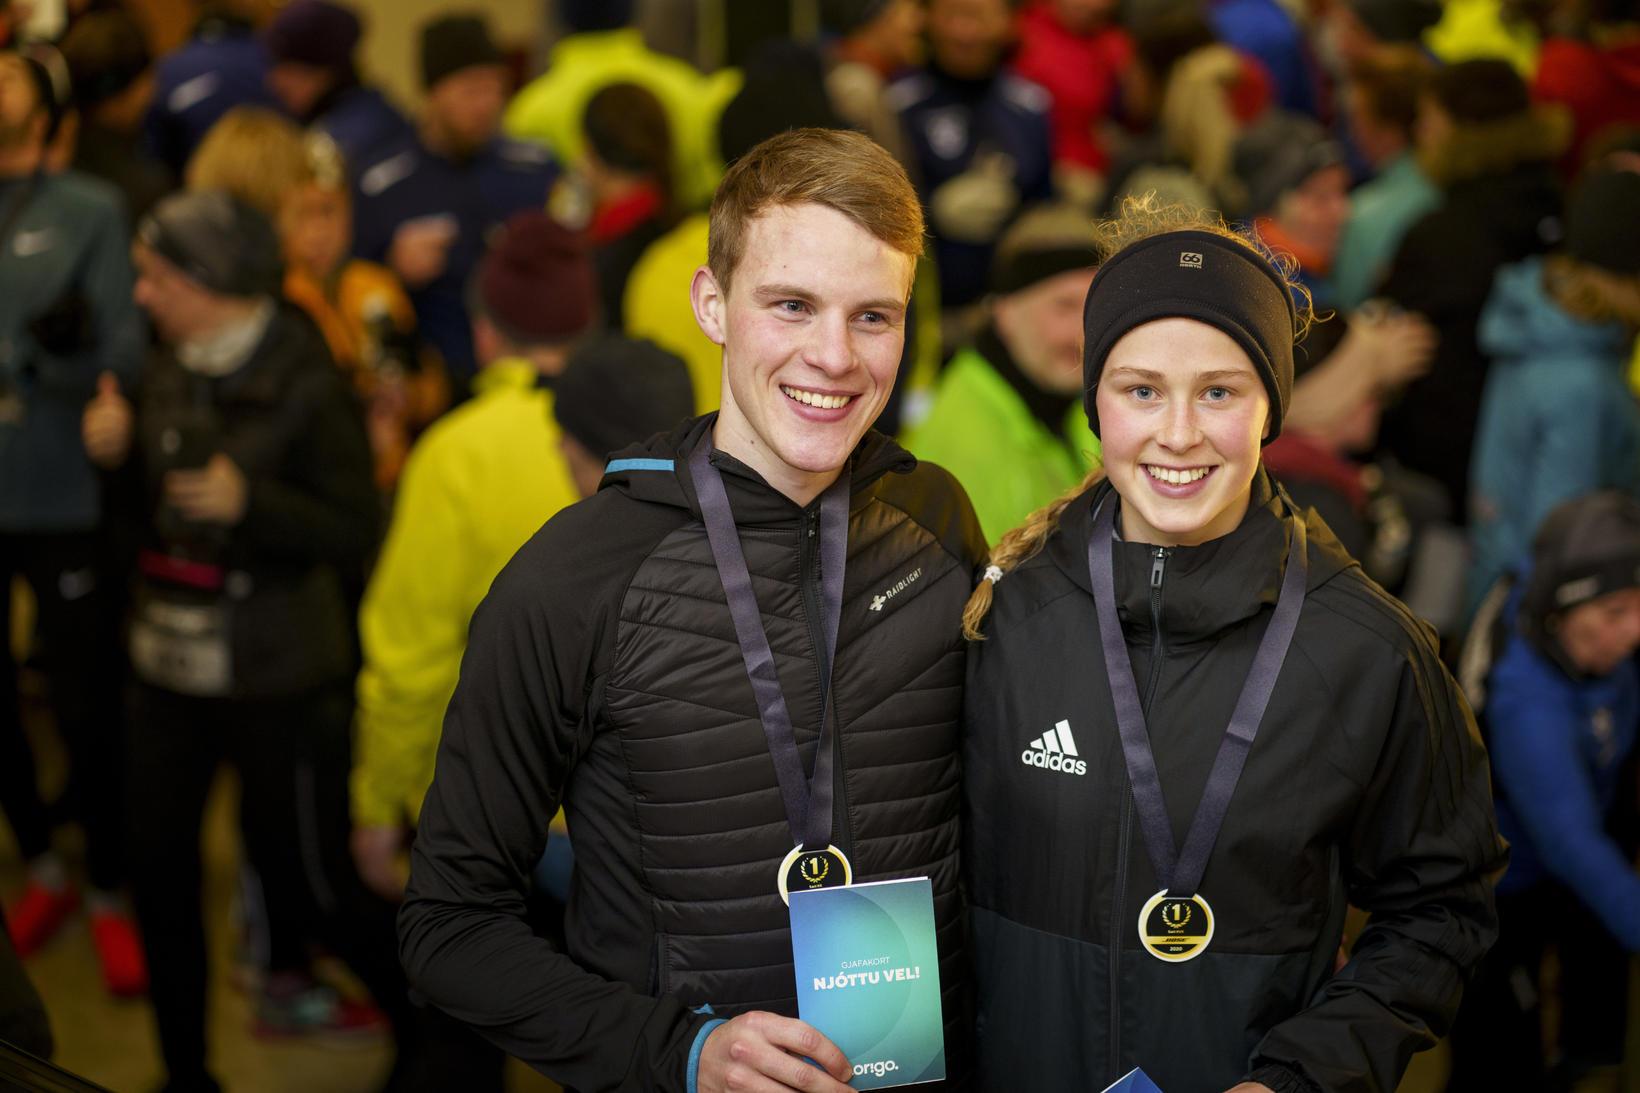 Ingvar Hjartarson og Andrea Kolbeinsdóttir fóru fimm kílómetrana hraðast í …